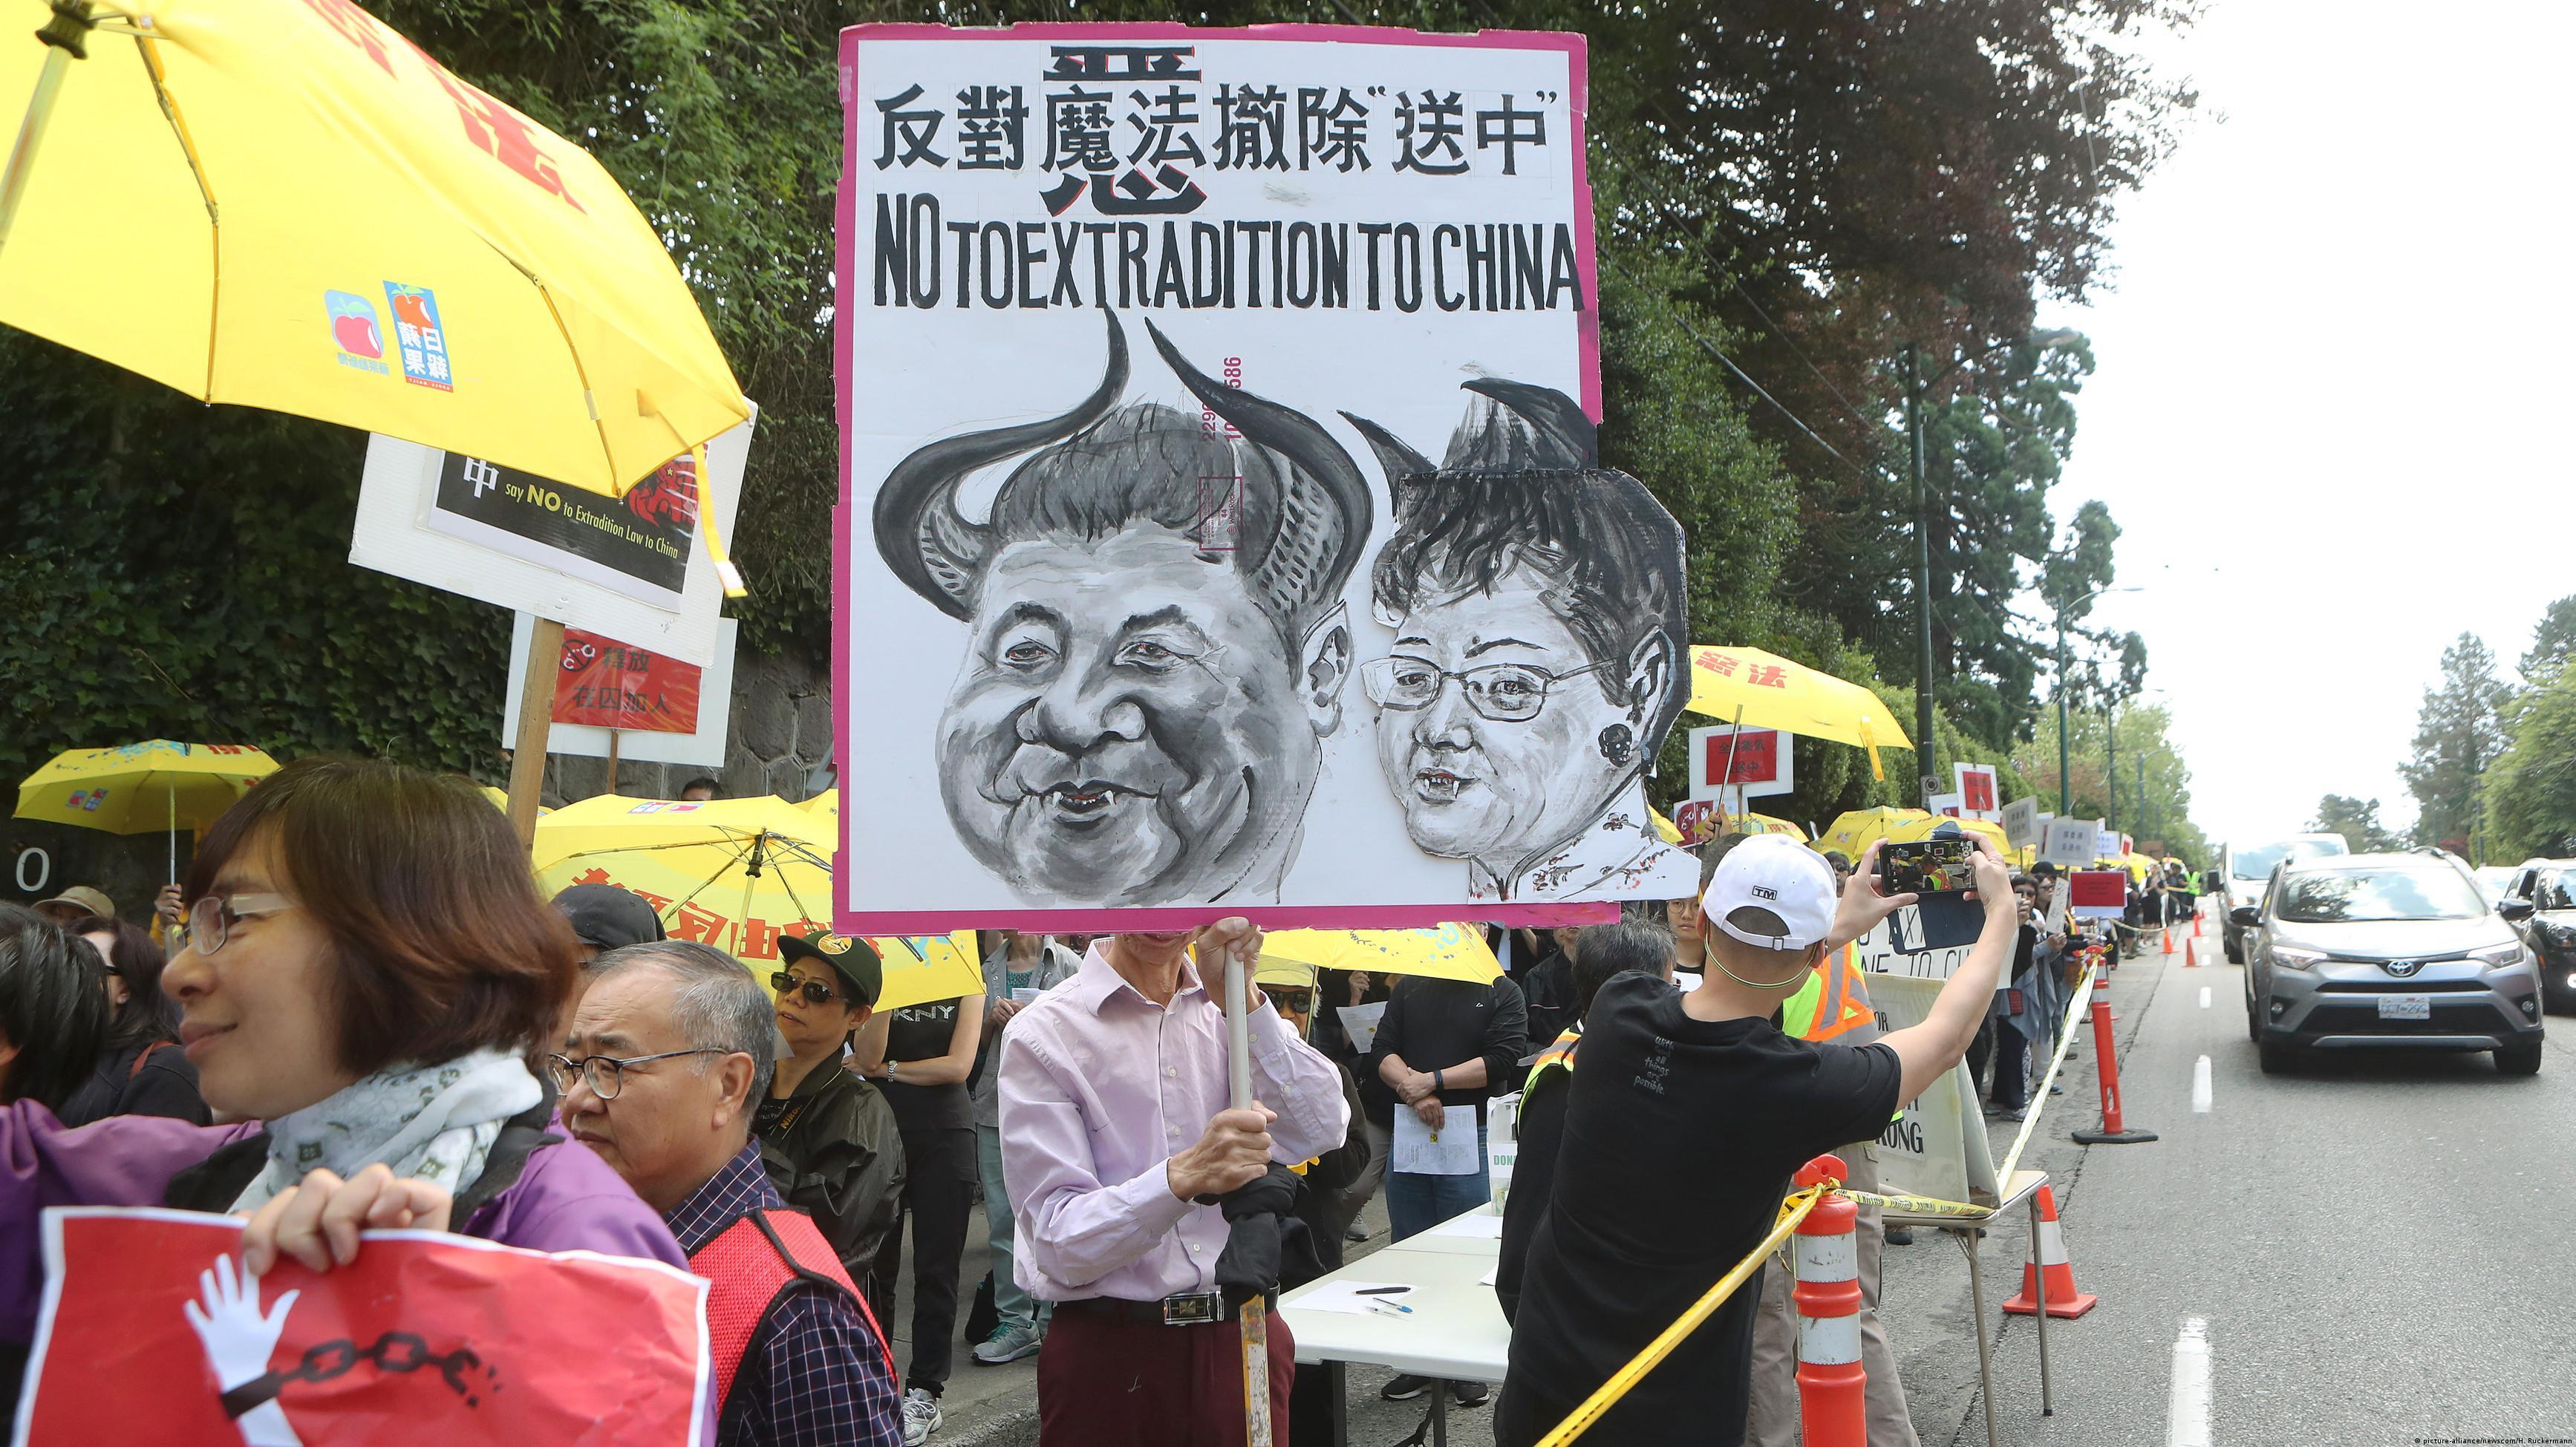 hong kong protest - 1 день